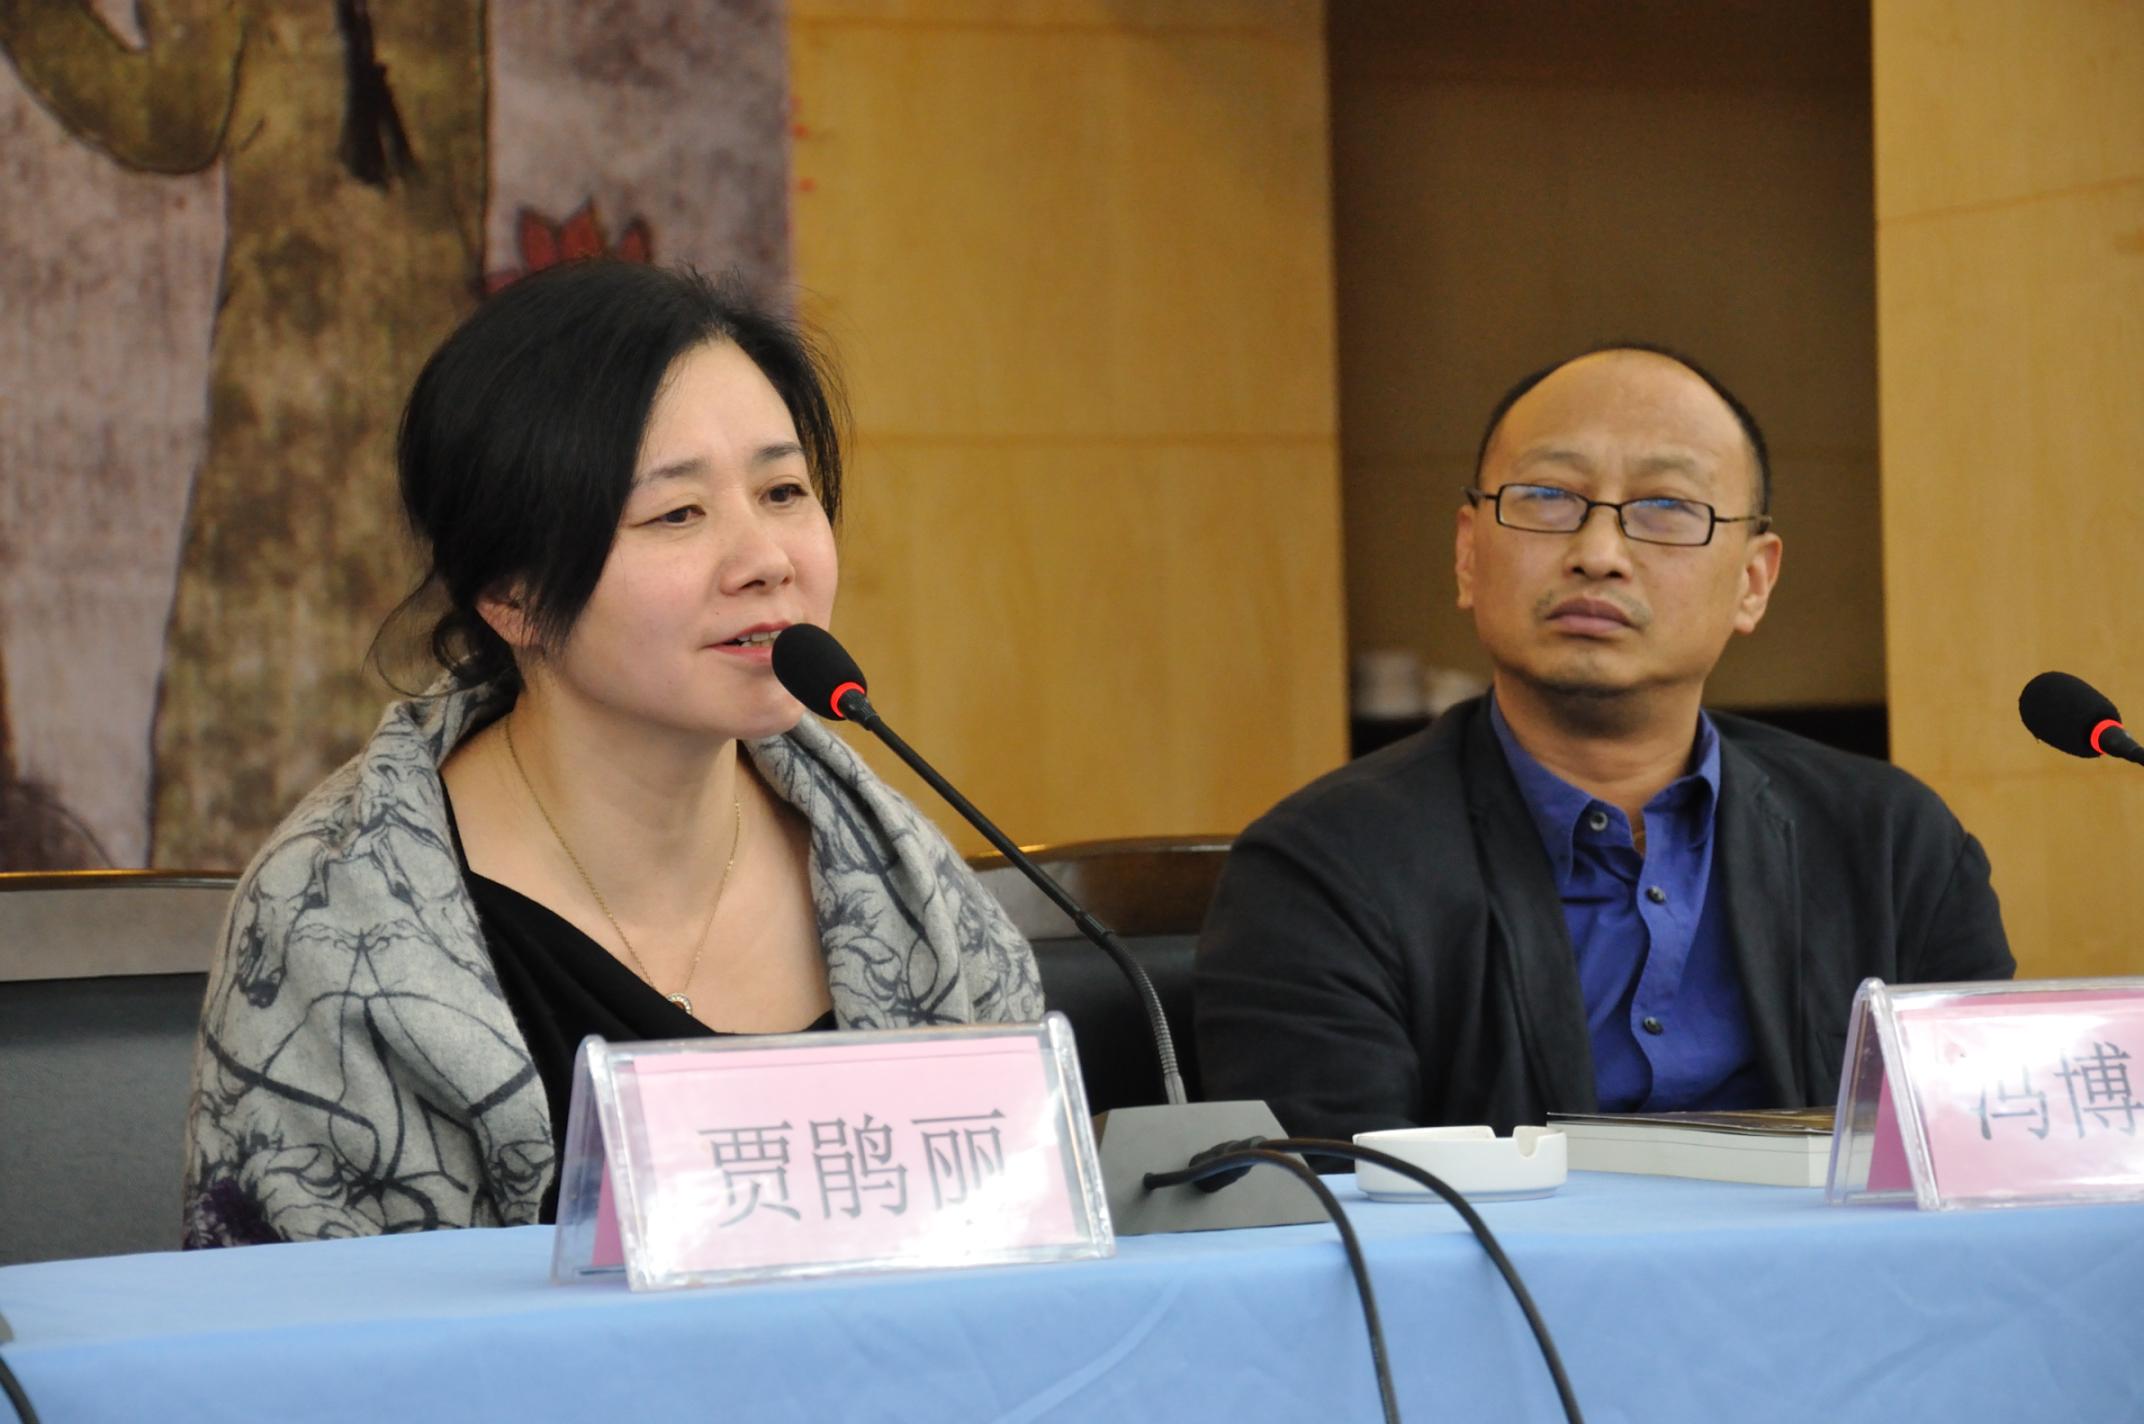 新闻发布会_联展·中国-2012 贵阳美术馆 《在一起》_0031